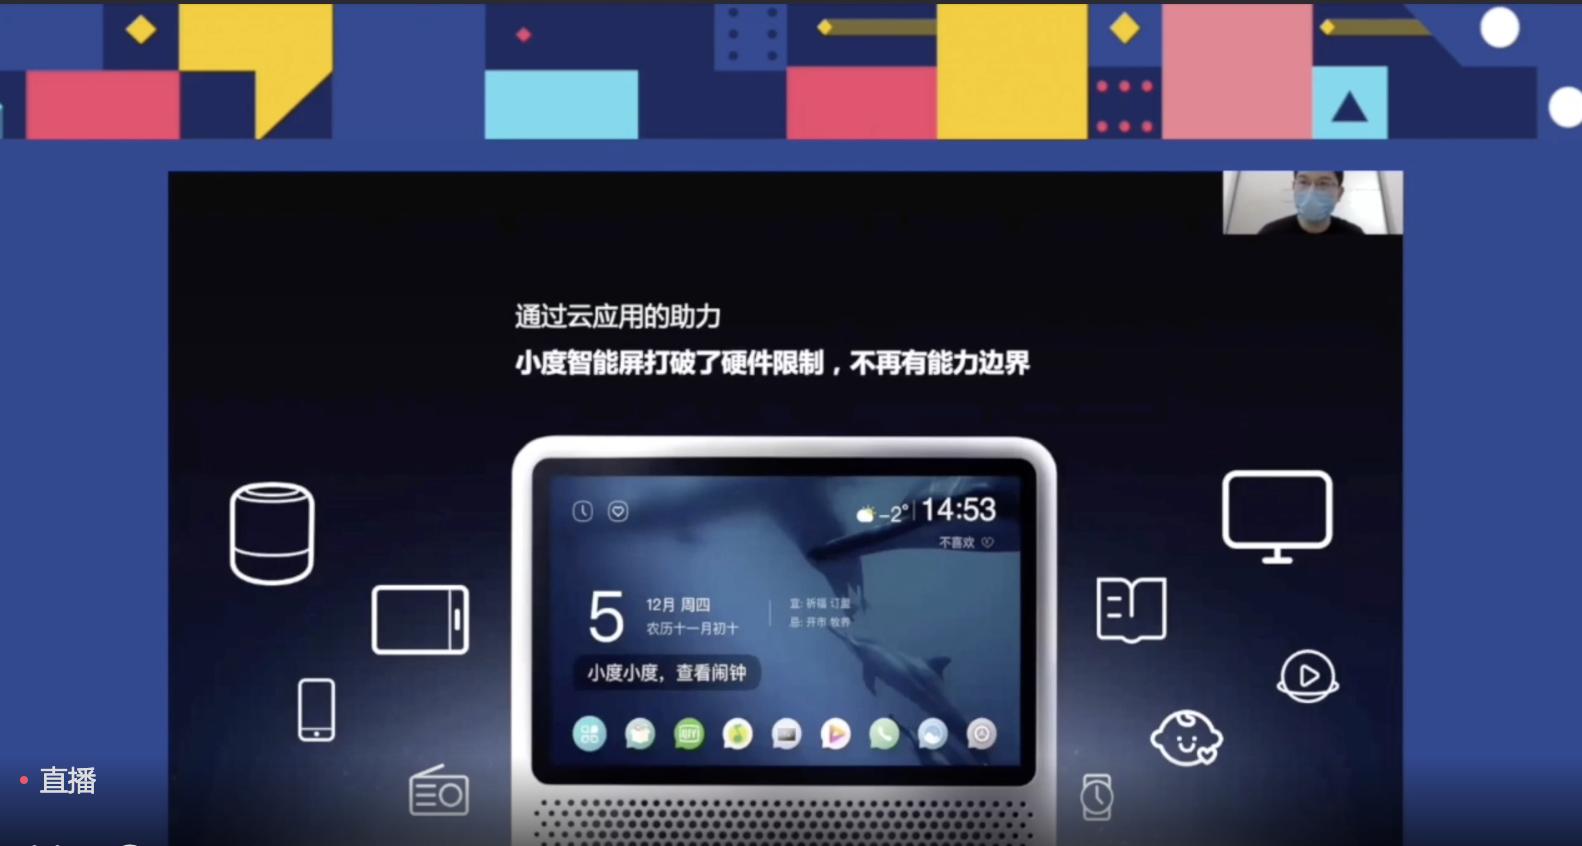 """百度重磅发布""""云手机"""", 变革云游戏、云应用、云VR和云办公四大场景"""